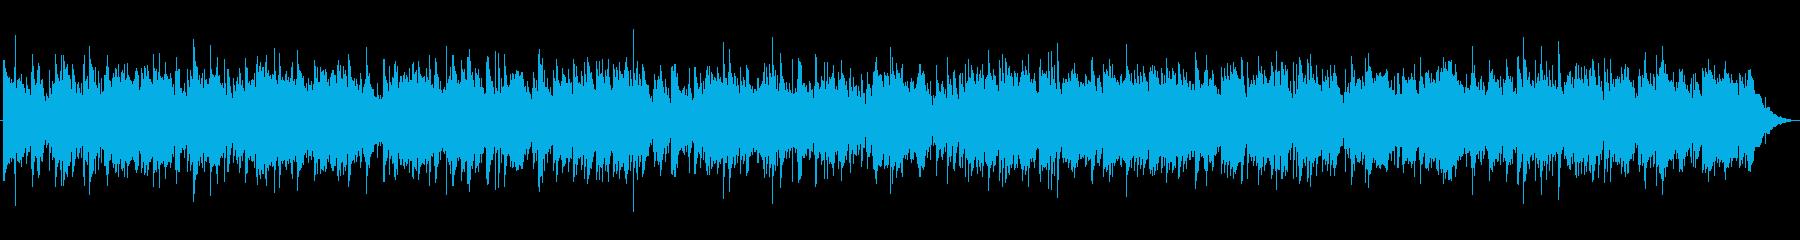 3拍子のオリエンタルバラードの再生済みの波形